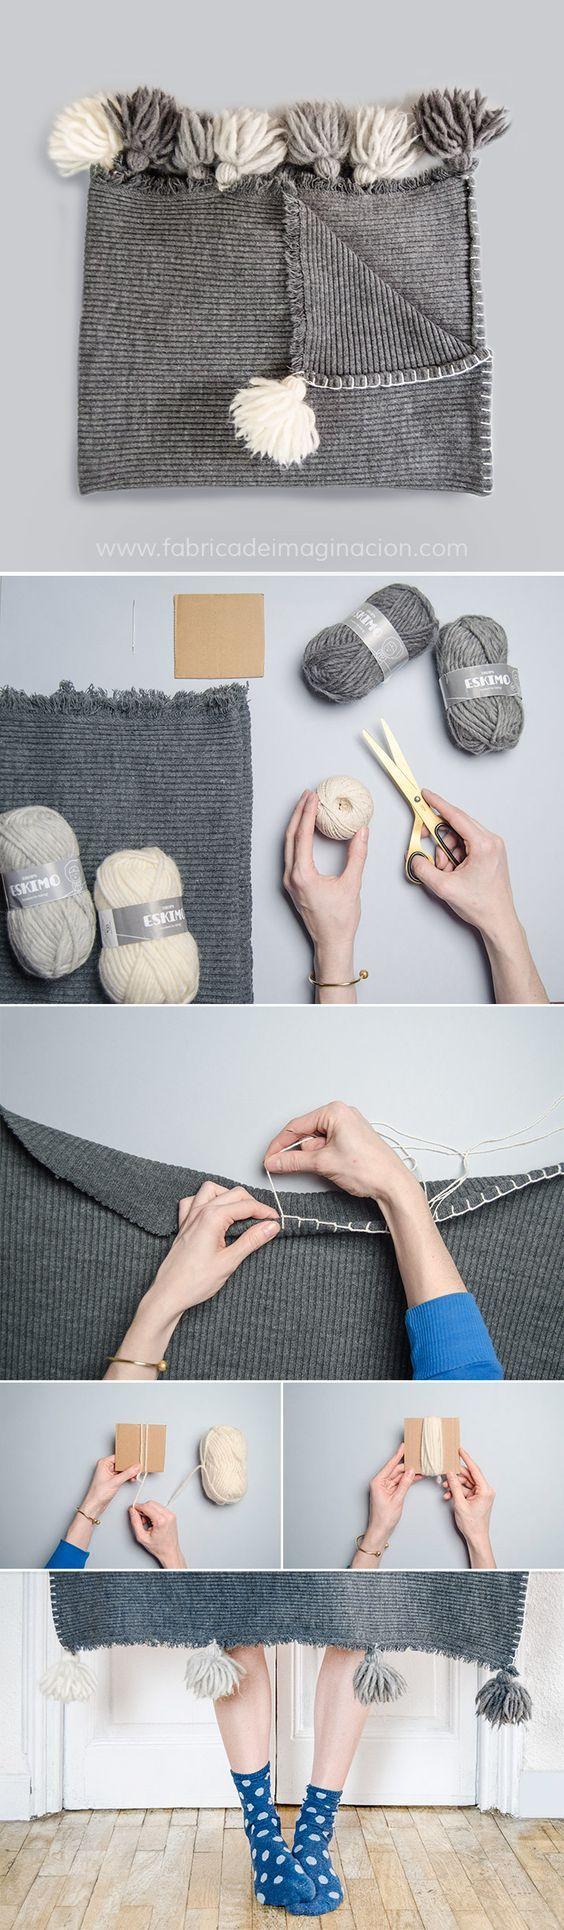 DIY Tassel blanket · DIY Manta con borlas · Fábrica de Imaginación · Steps in Spanish: